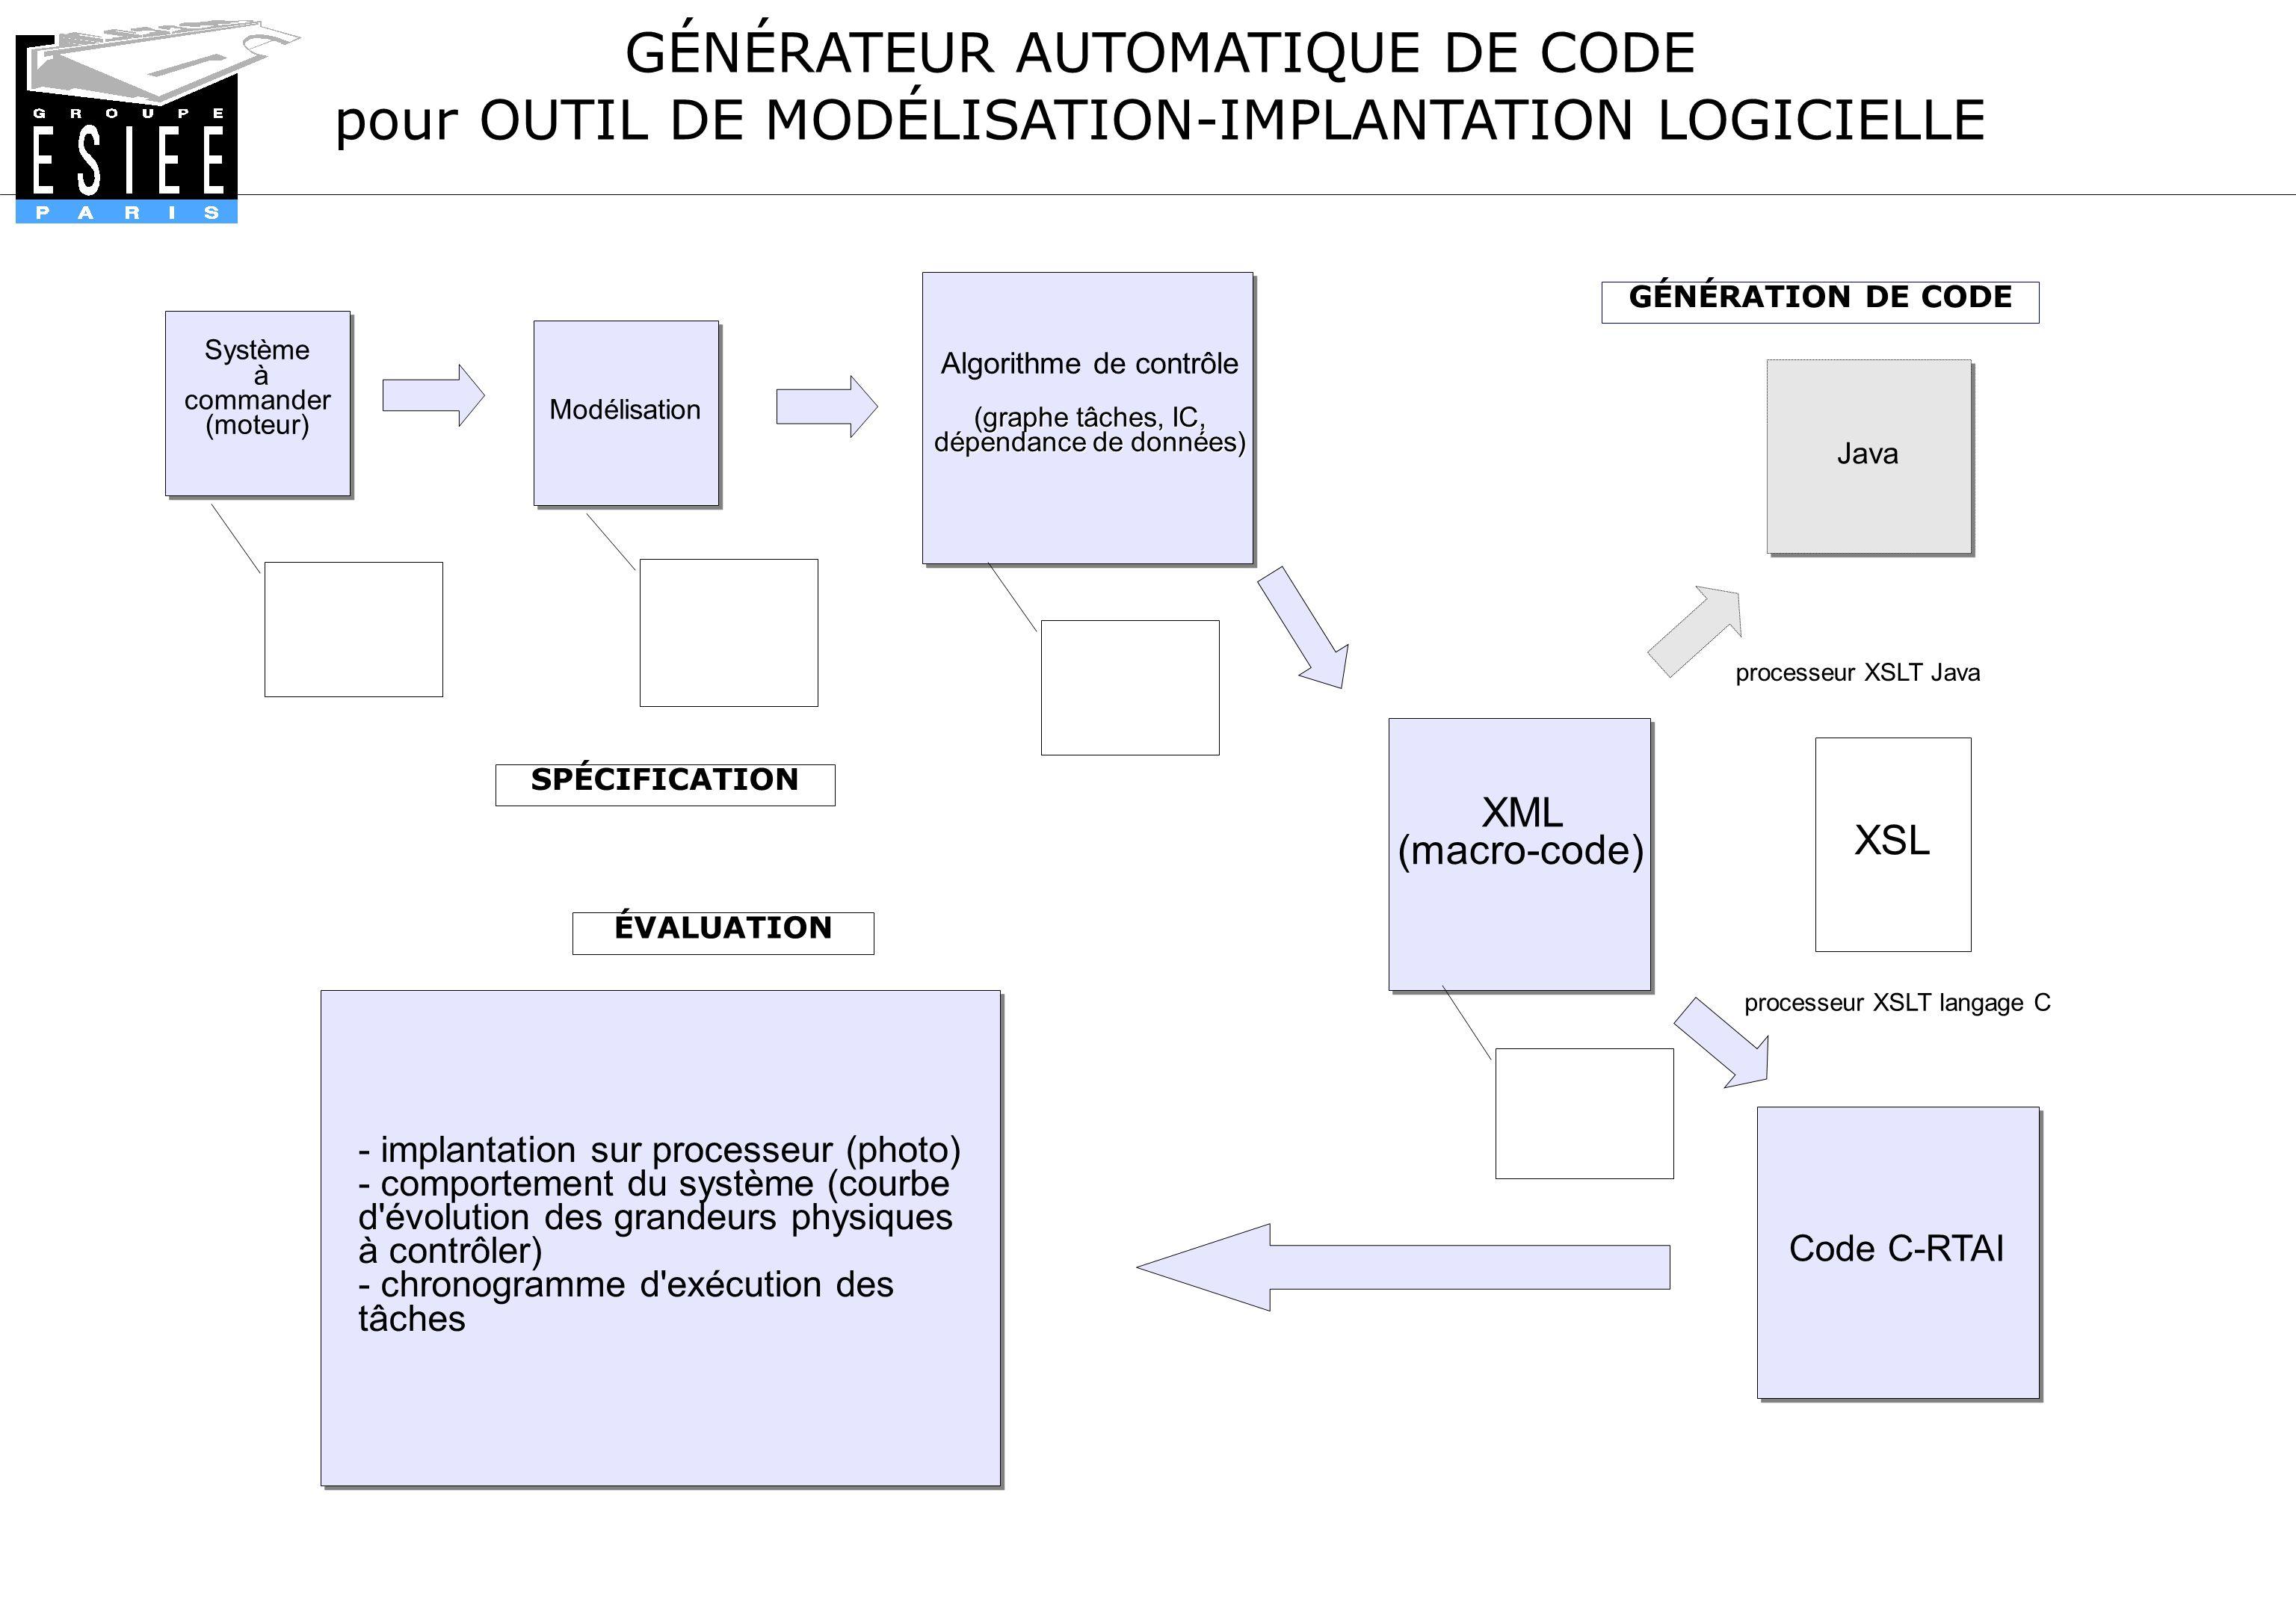 GÉNÉRATEUR AUTOMATIQUE DE CODE pour OUTIL DE MODÉLISATION-IMPLANTATION LOGICIELLE Java processeur XSLT langage C-RTAI - implantation sur processeur (photo) - comportement du système (courbe d évolution des grandeurs physiques à contrôler) - chronogramme d exécution des tâches - implantation sur processeur (photo) - comportement du système (courbe d évolution des grandeurs physiques à contrôler) - chronogramme d exécution des tâches SPÉCIFICATION GÉNÉRATION DE CODE ÉVALUATION Un «macro-code » en langage XML est généré.